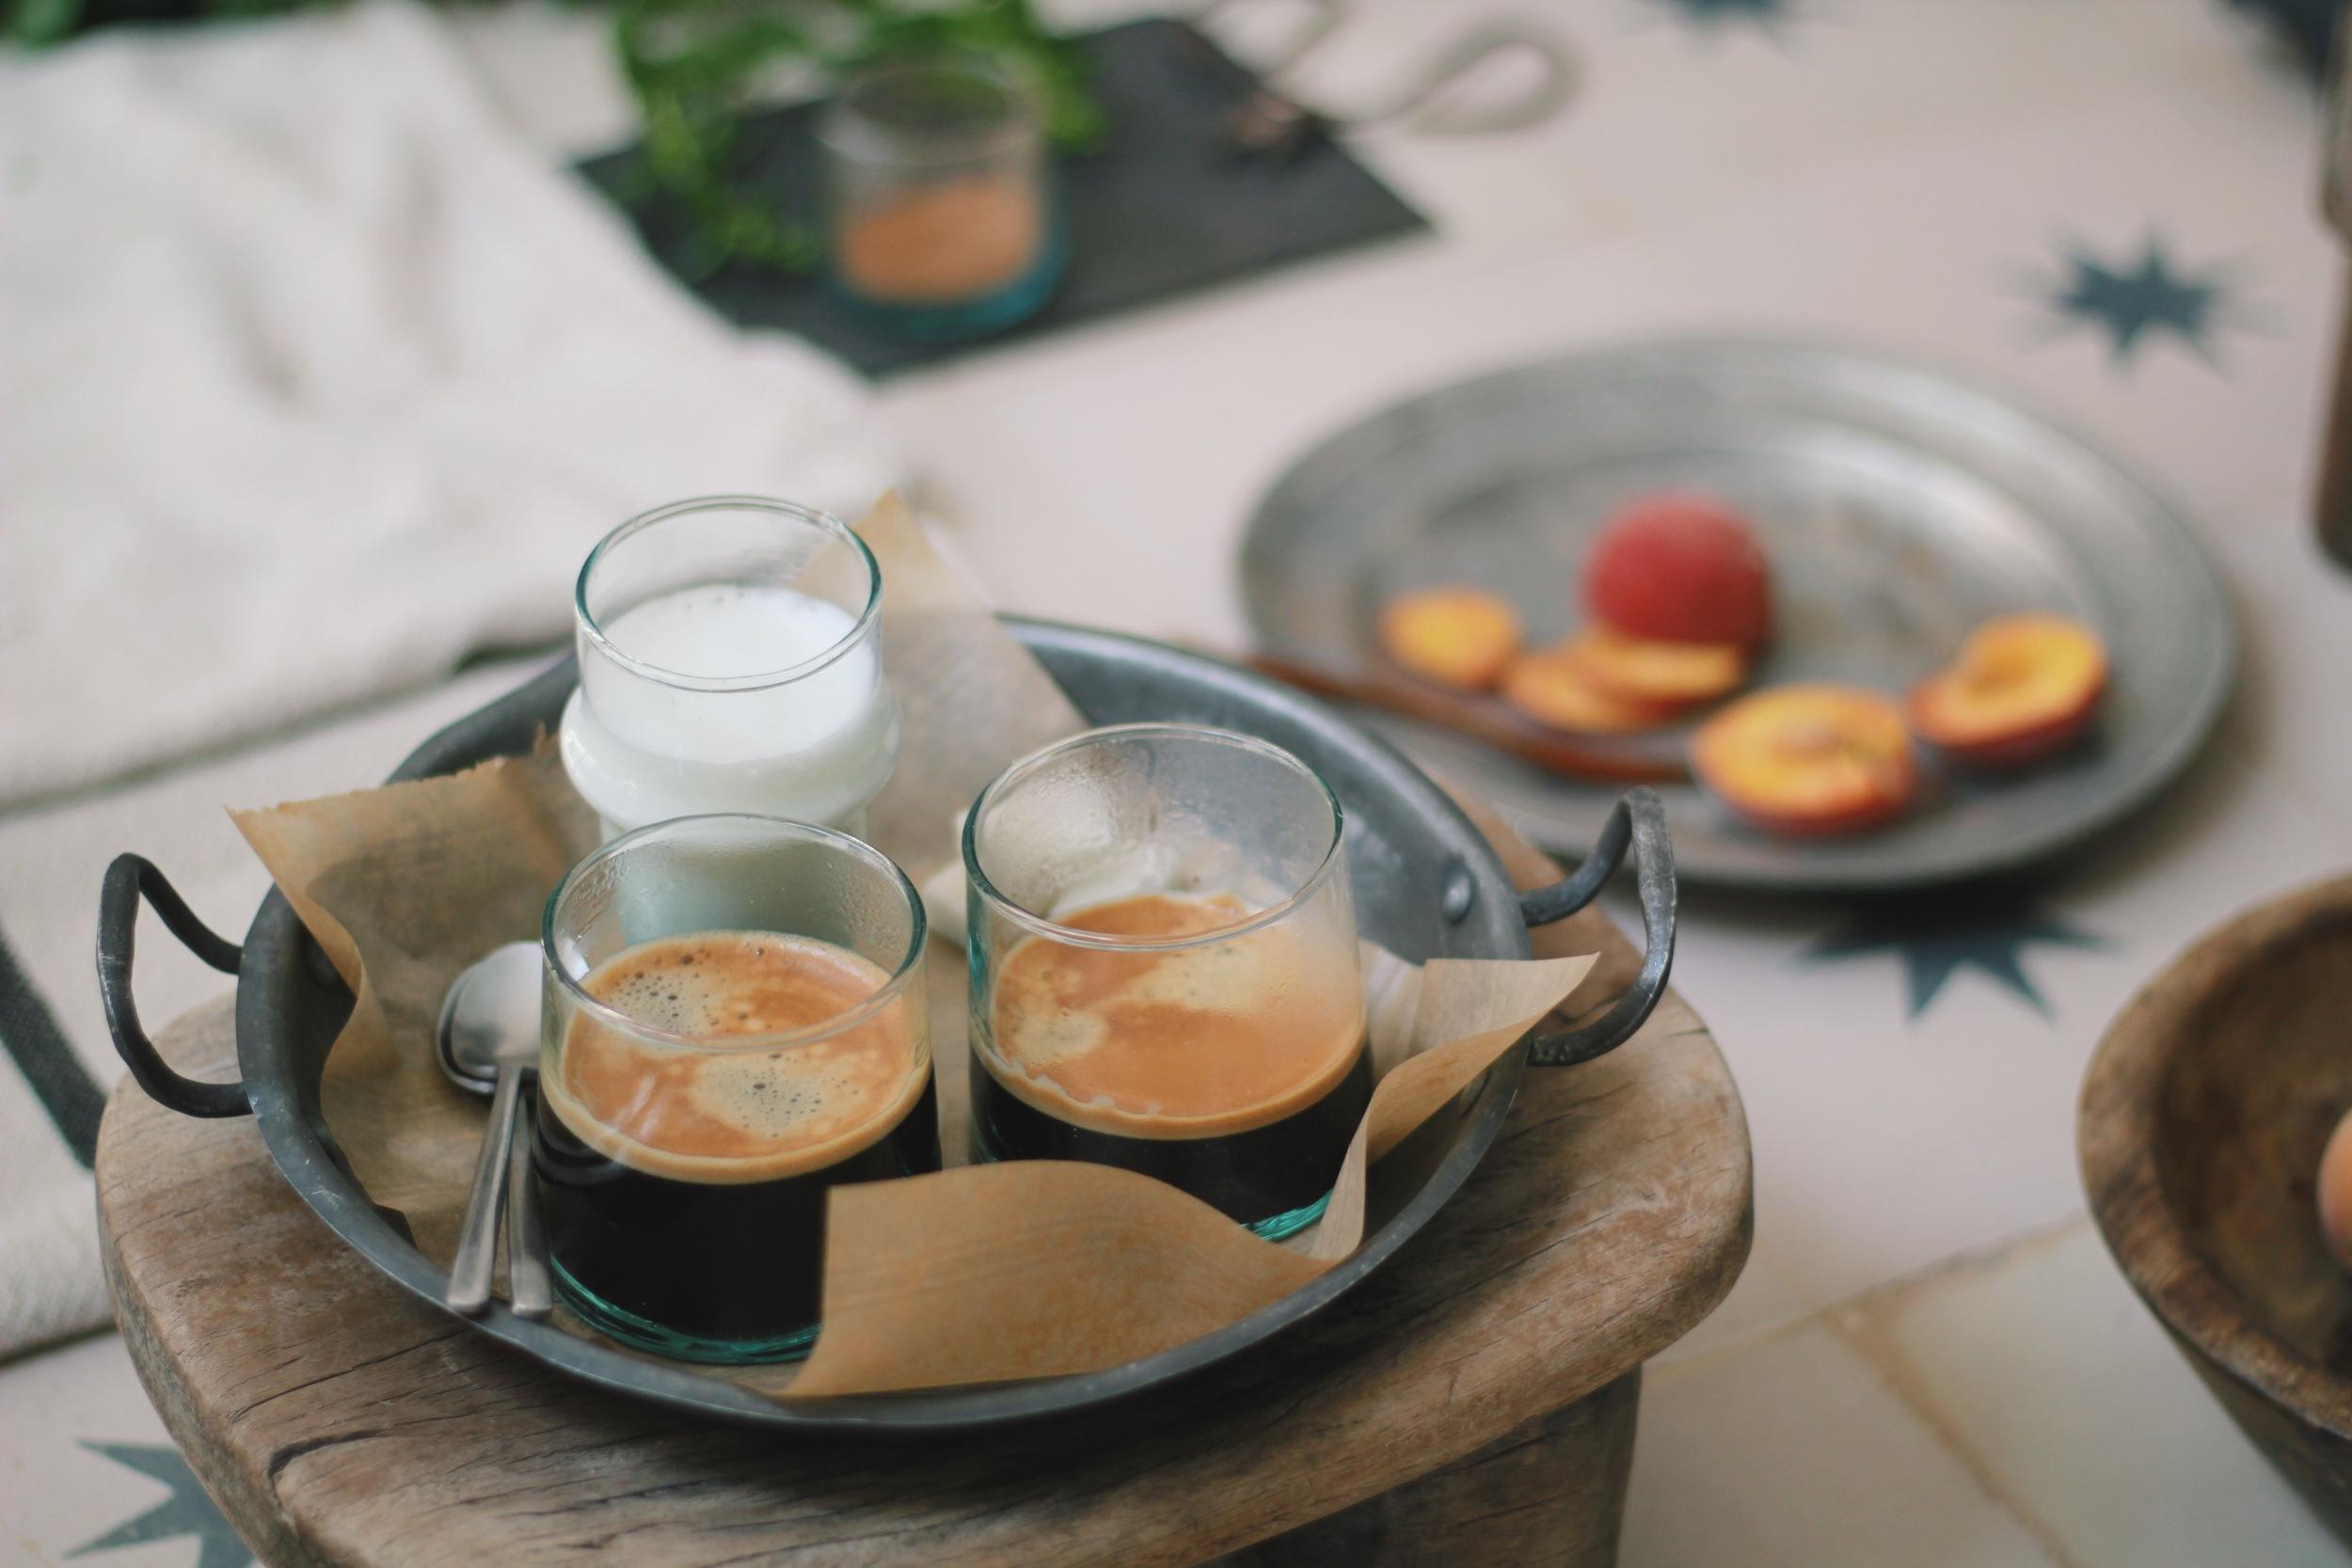 moroccan coffee - a dream